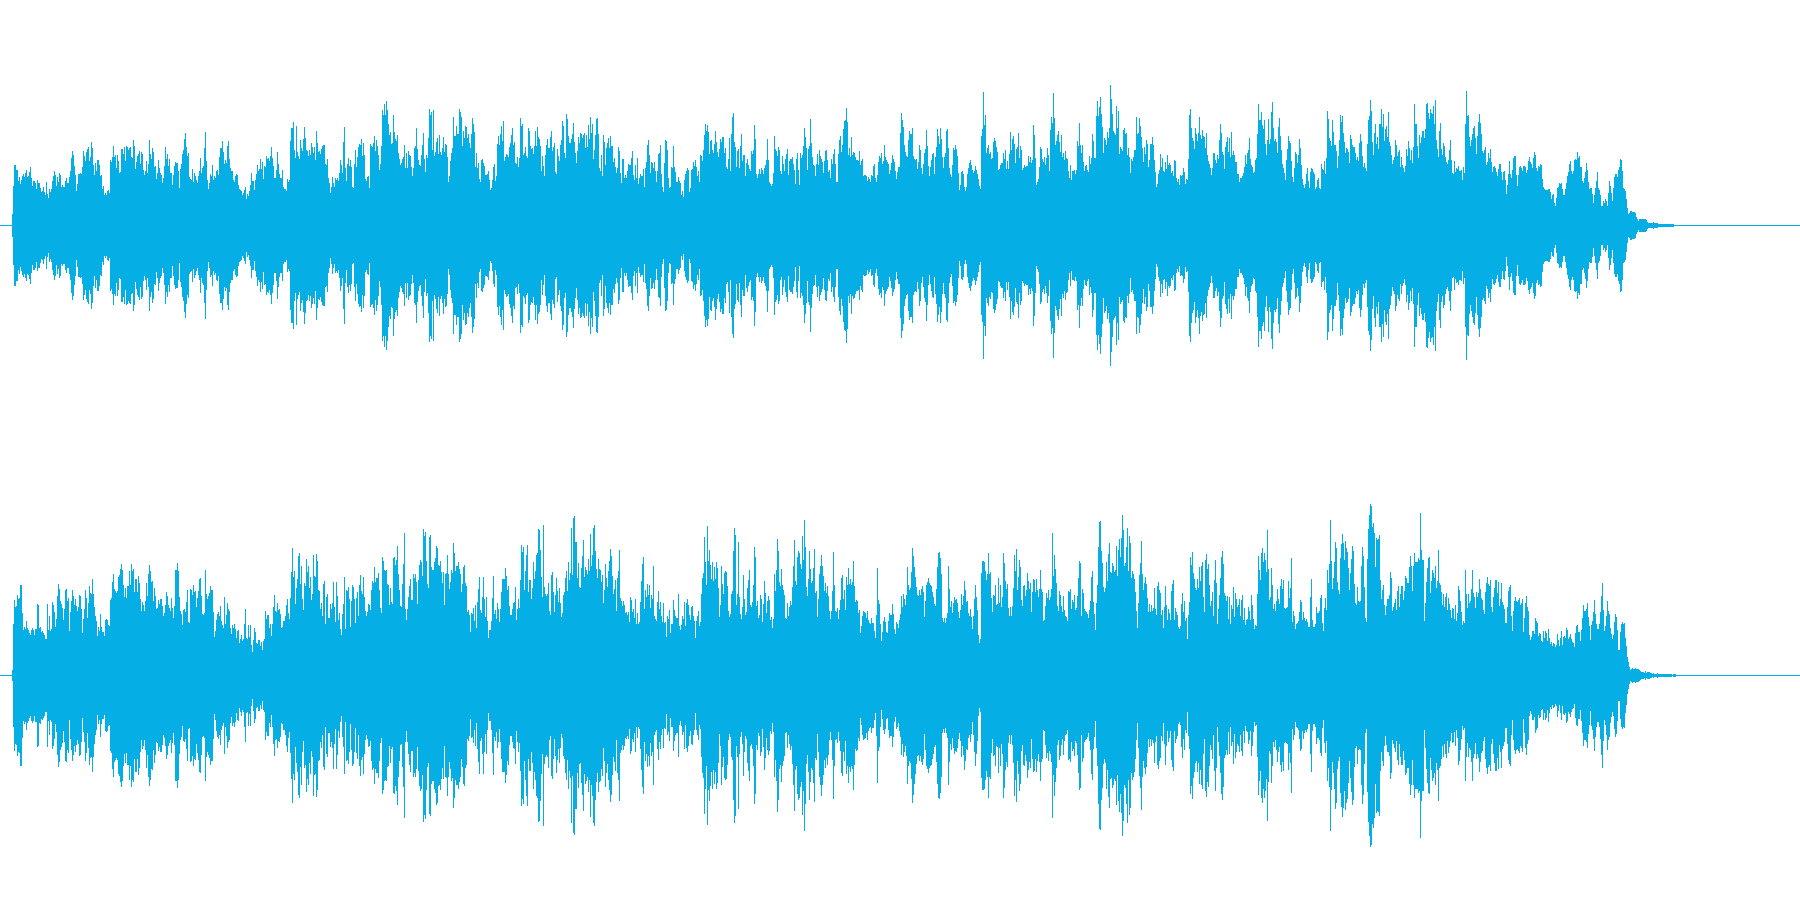 夜の星のリラクゼーション系アンビエントの再生済みの波形